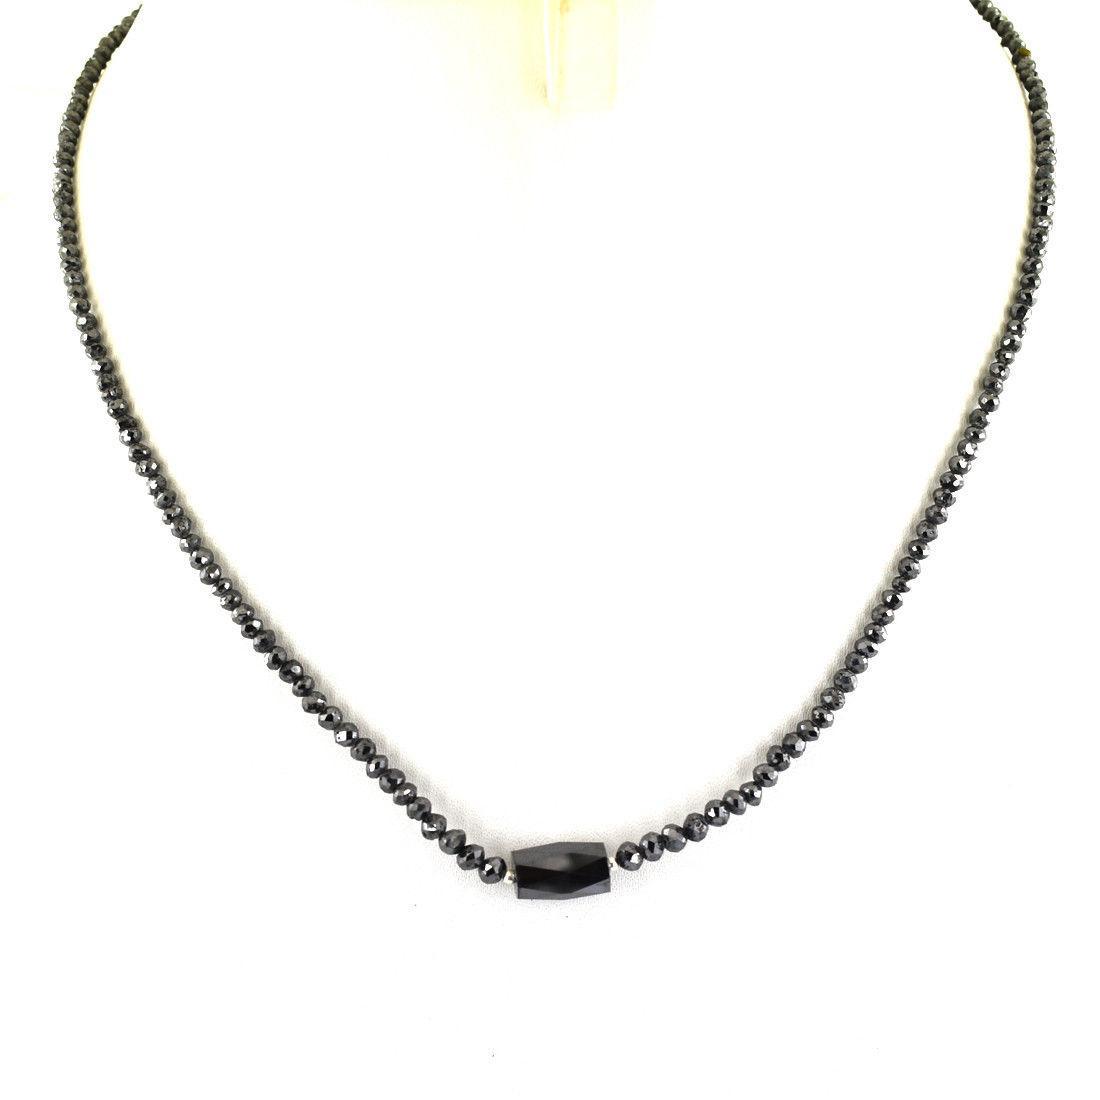 Колье , бусы 2 мм черный бриллиант . Длина 43 см .Сертификат